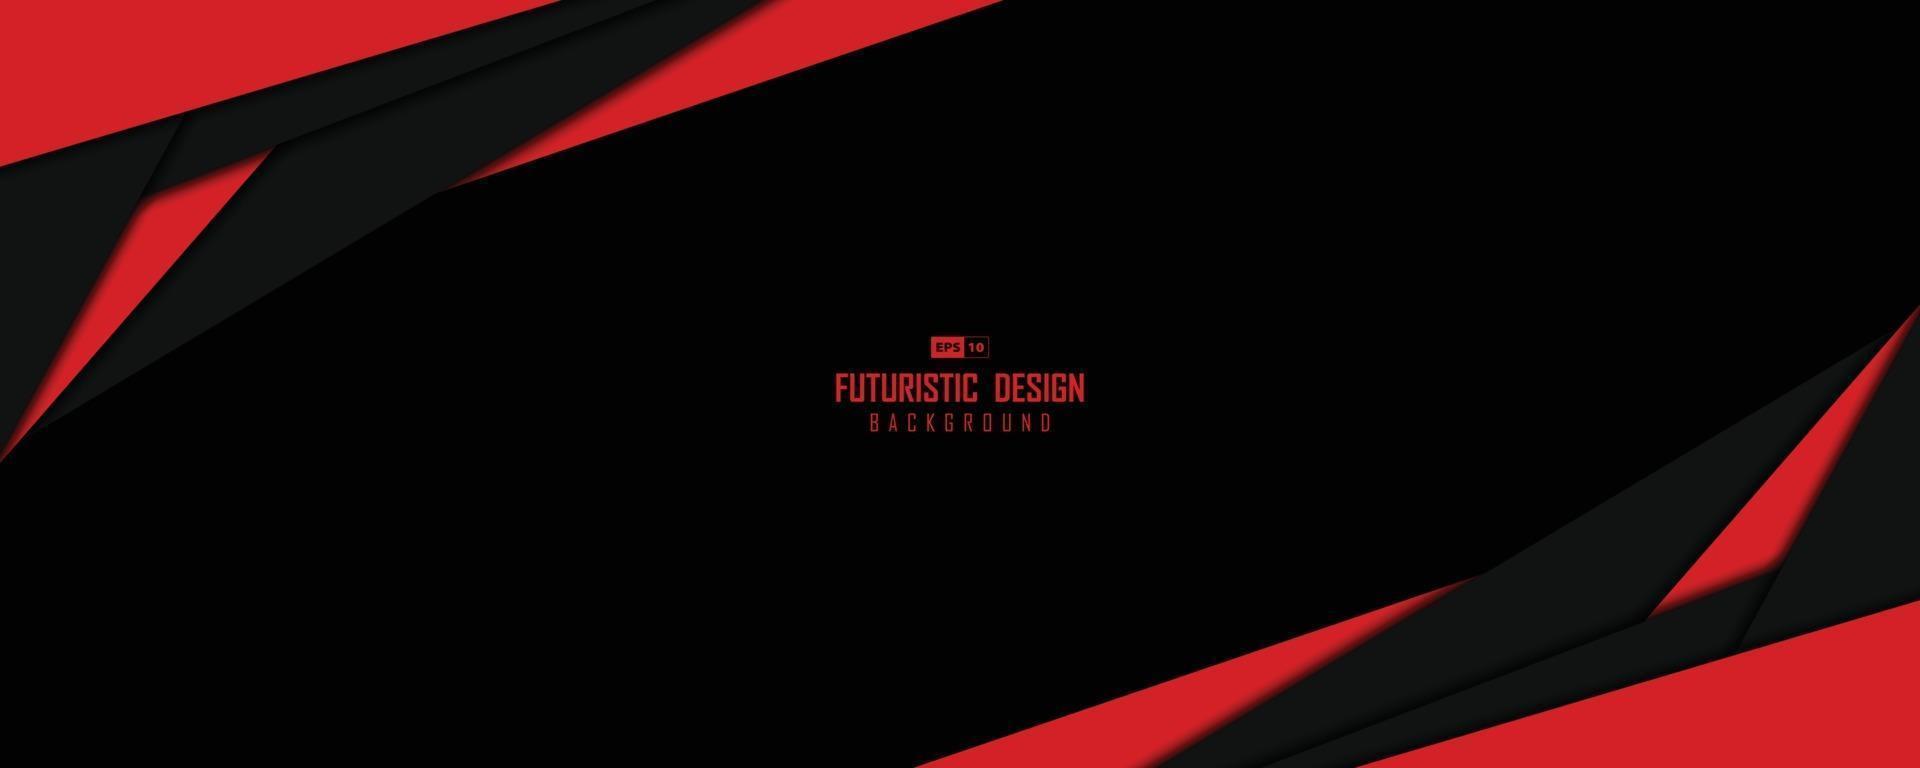 ampia finestra astratta di fondo nero e rosso del materiale illustrativo di progettazione del modello di tecnologia. illustrazione vettoriale eps10